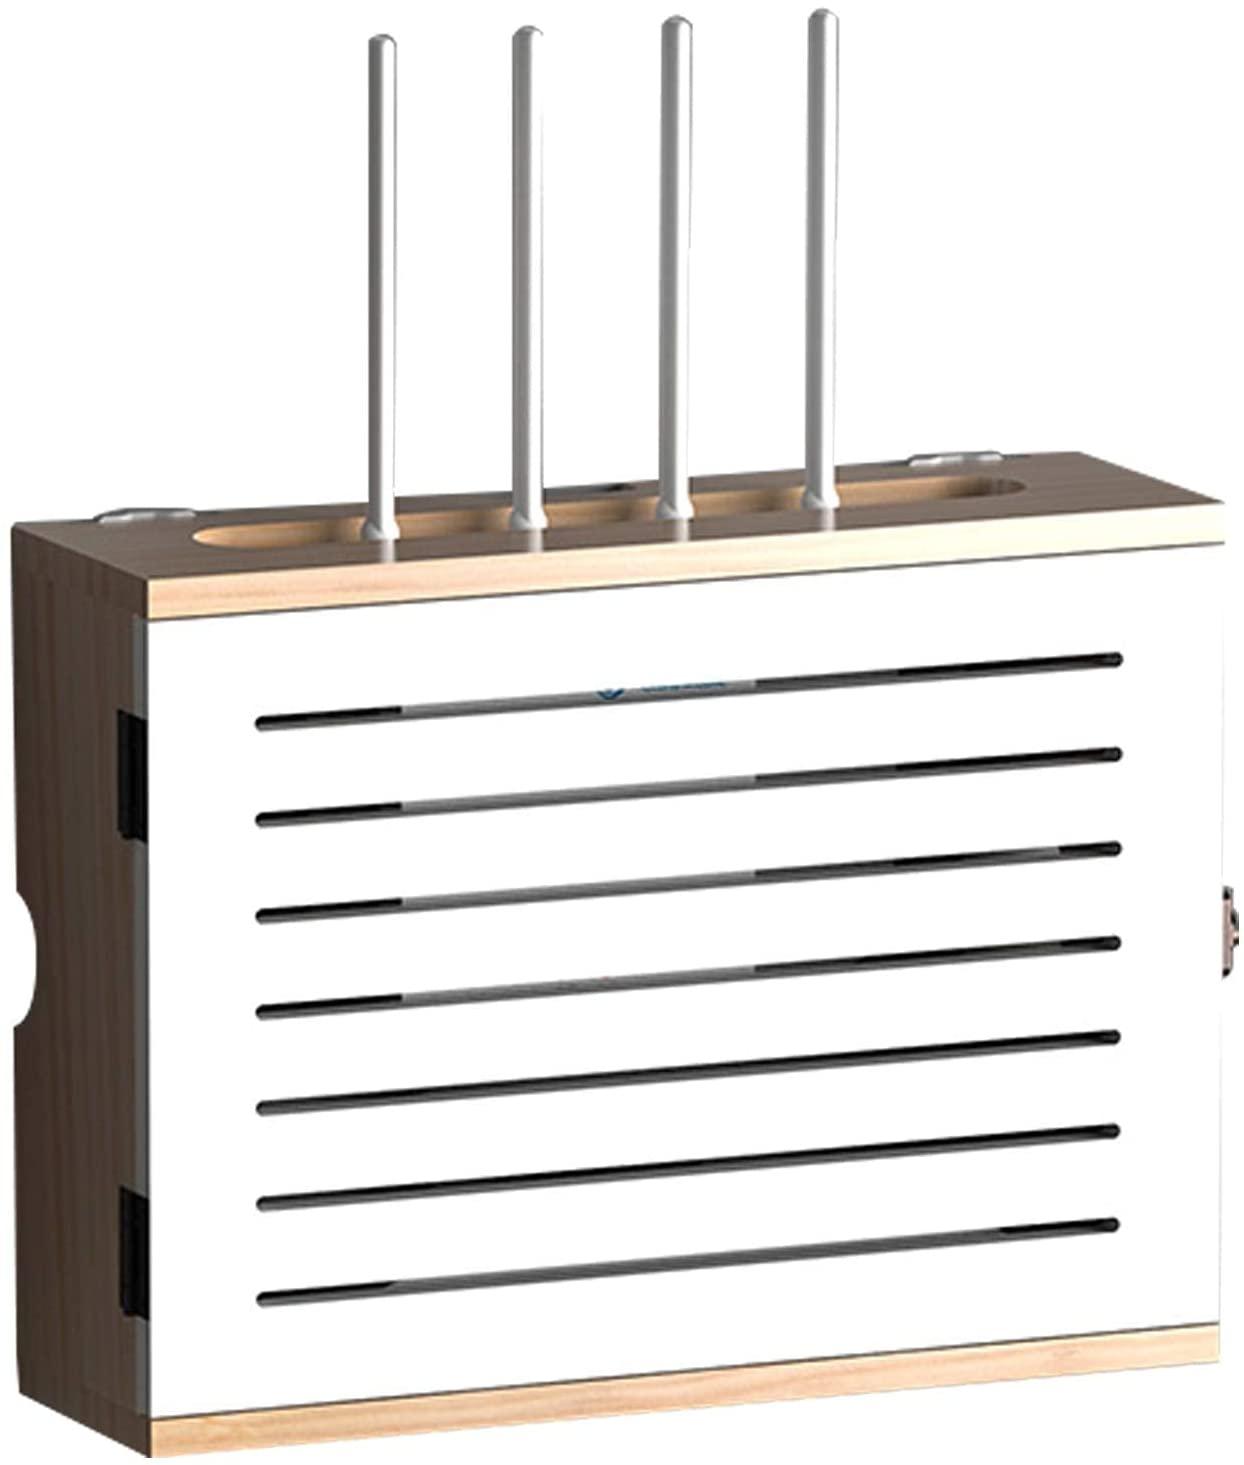 FXBFAG 와이파이 라우터 저장 상자 벽 선반 솔리드 나무 전원 공급 장치 빛을 고양이 플러그 행 허브 보드를 끝내 데스크탑 스토리지 상자 거실에서 사용된 | 사무실 | 침실-(42.5 10 32.5CM)